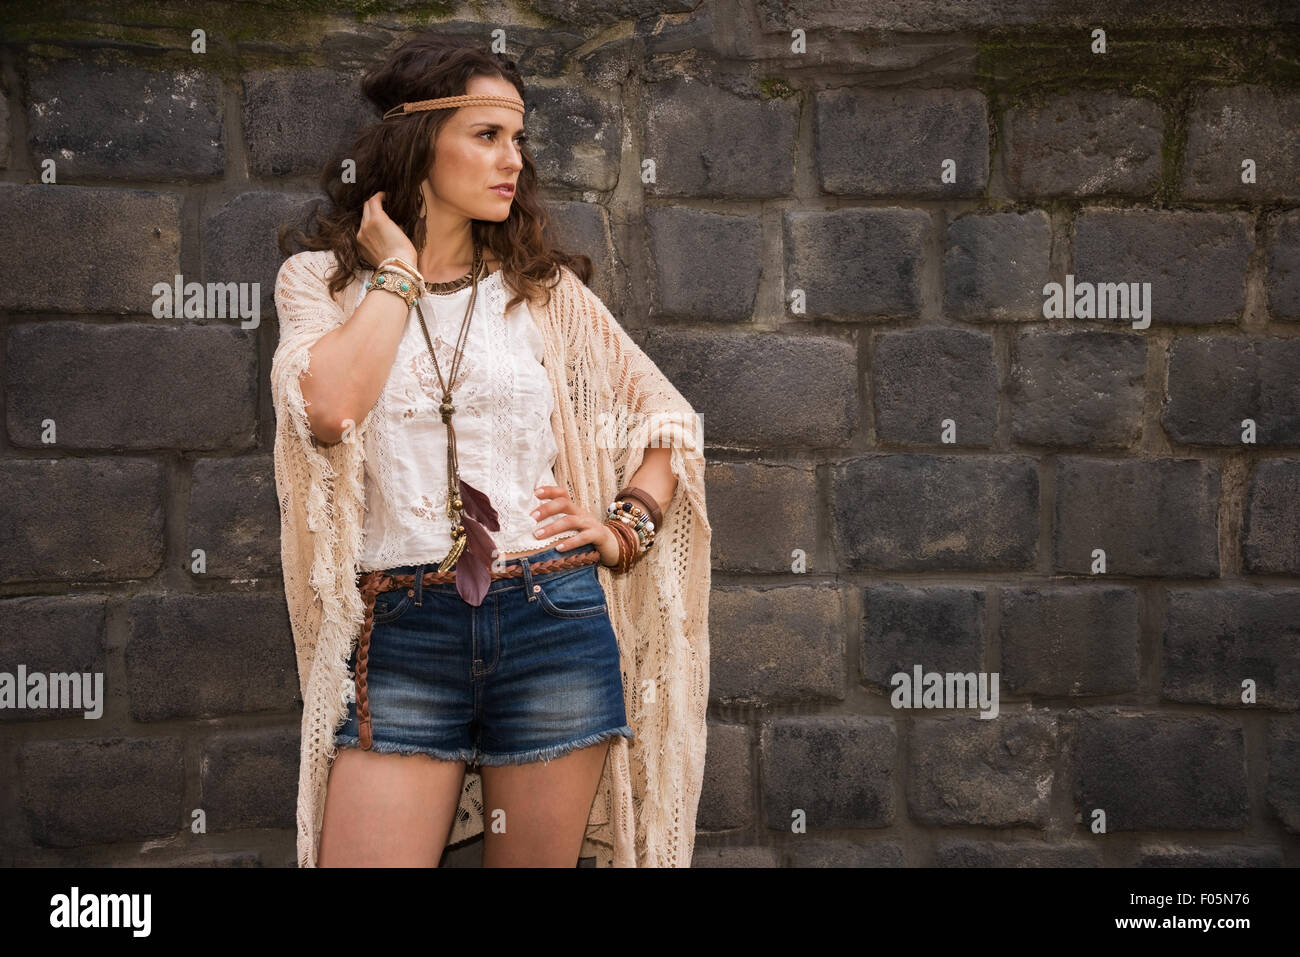 1ca28ffab Longhaired señorita de aspecto hippie en pantalones cortos, jeans y ...